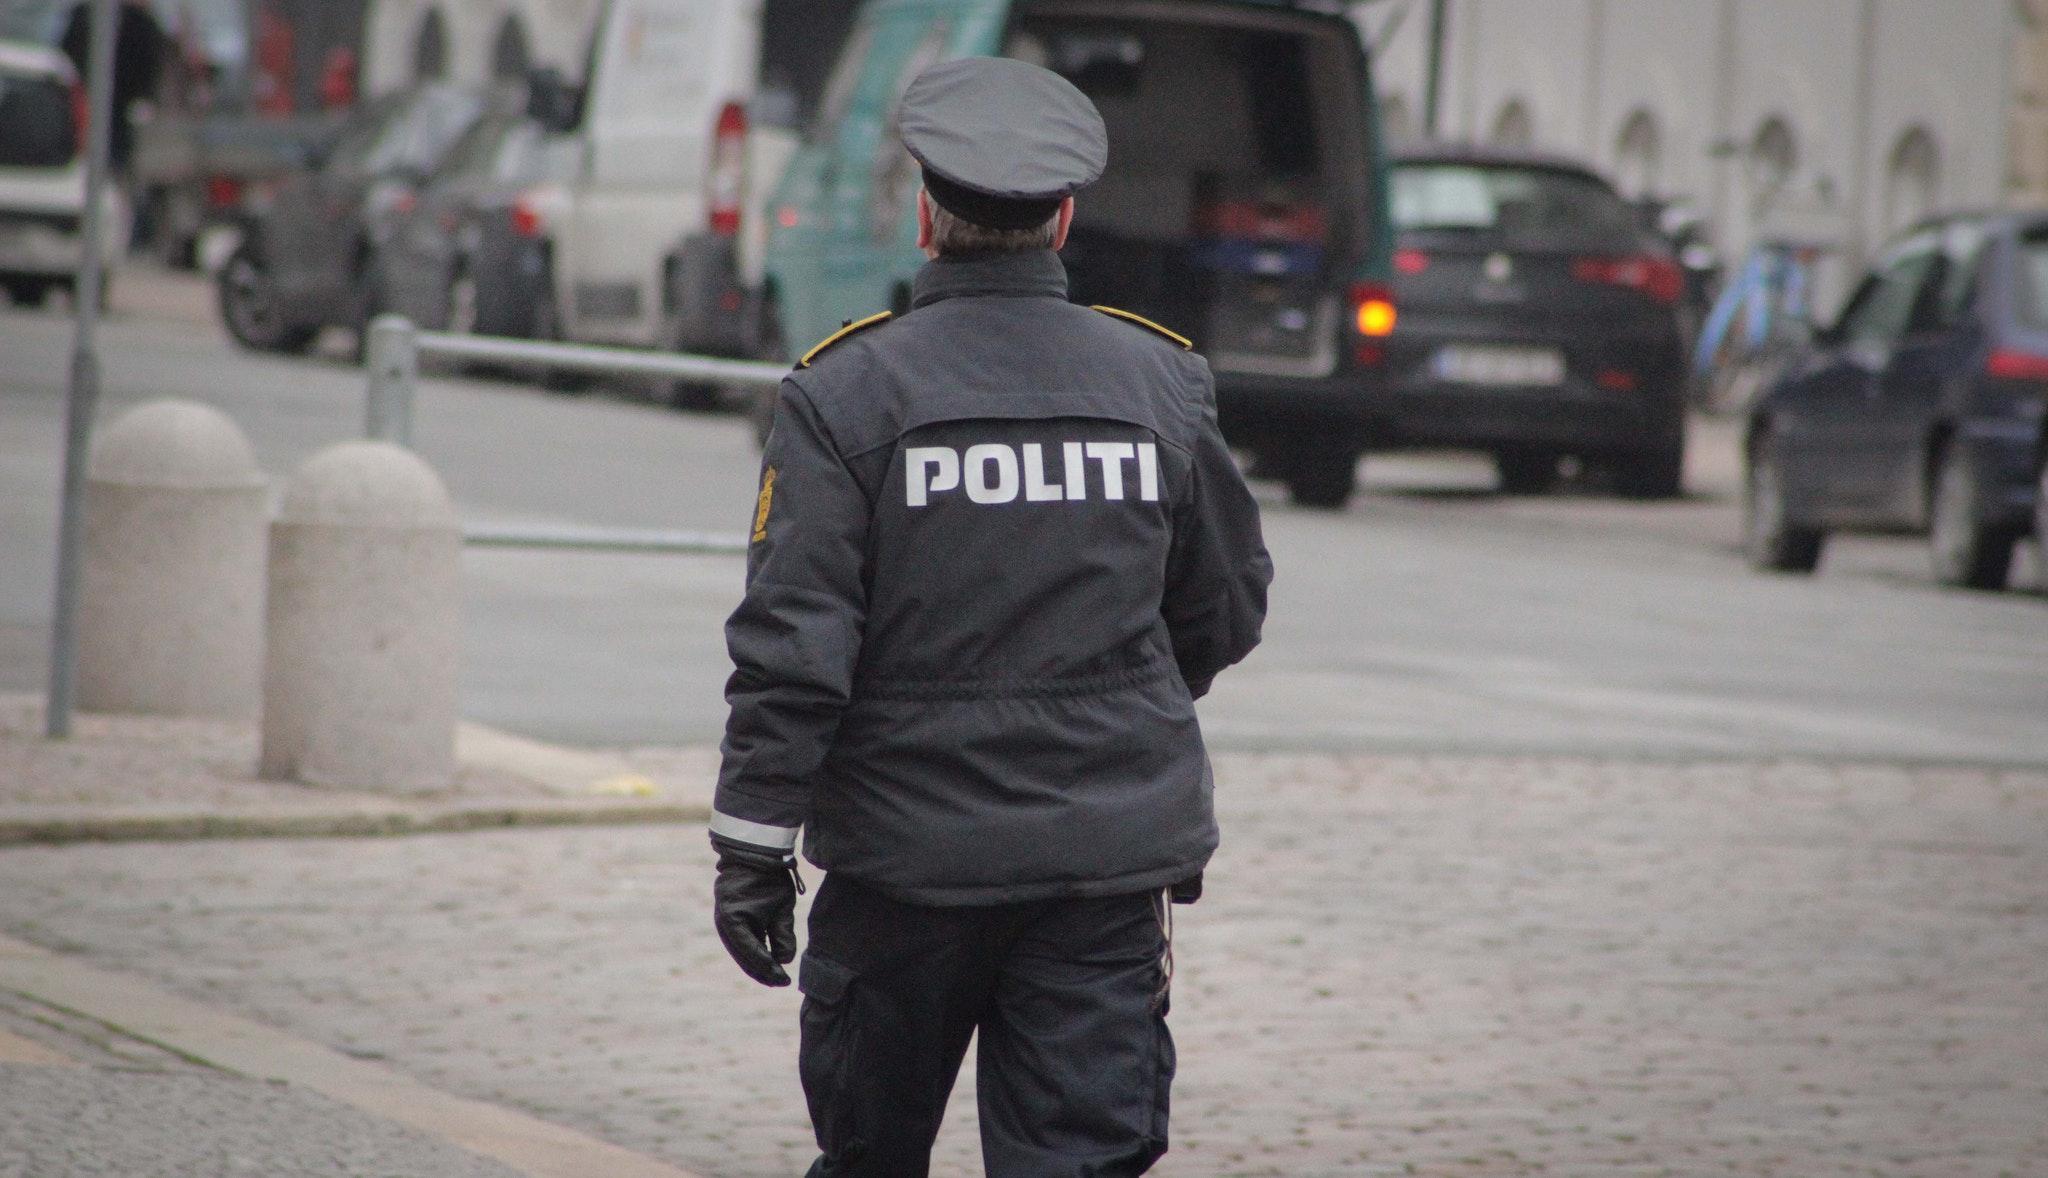 Deense politie arresteert verdachte van aanval op Joodse vrouw in Zweden